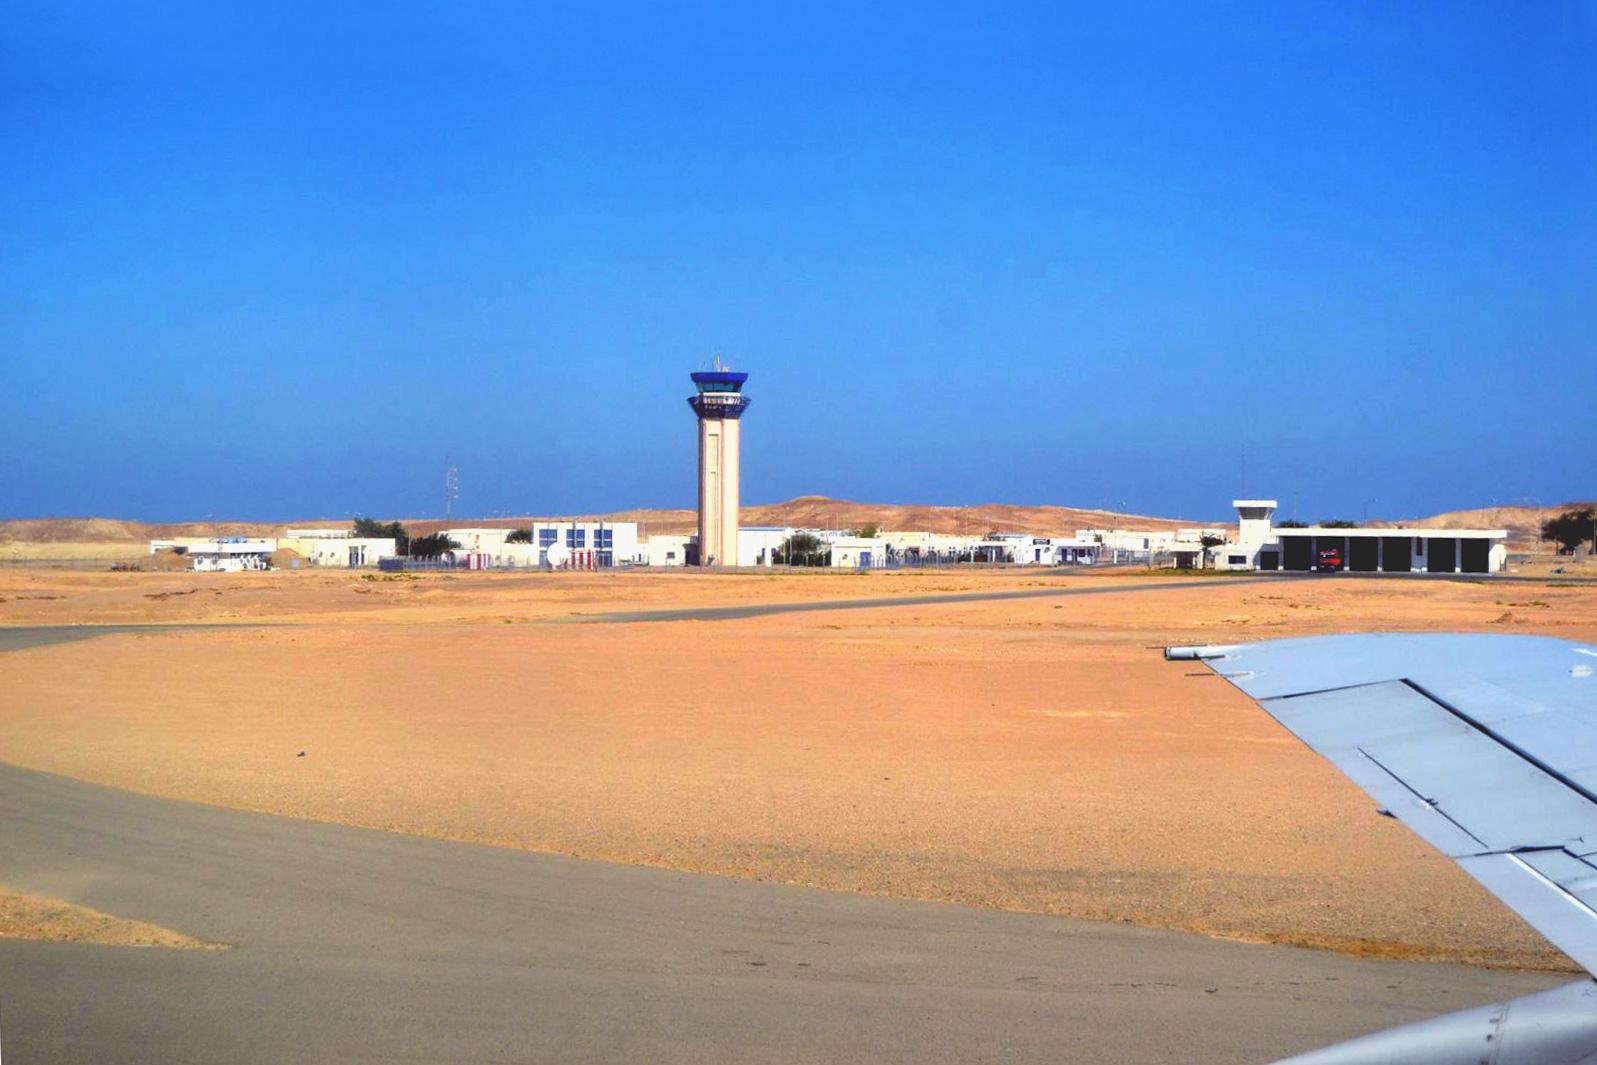 Диспетчерская башня и пожарная часть аэропорта Марса-Алам